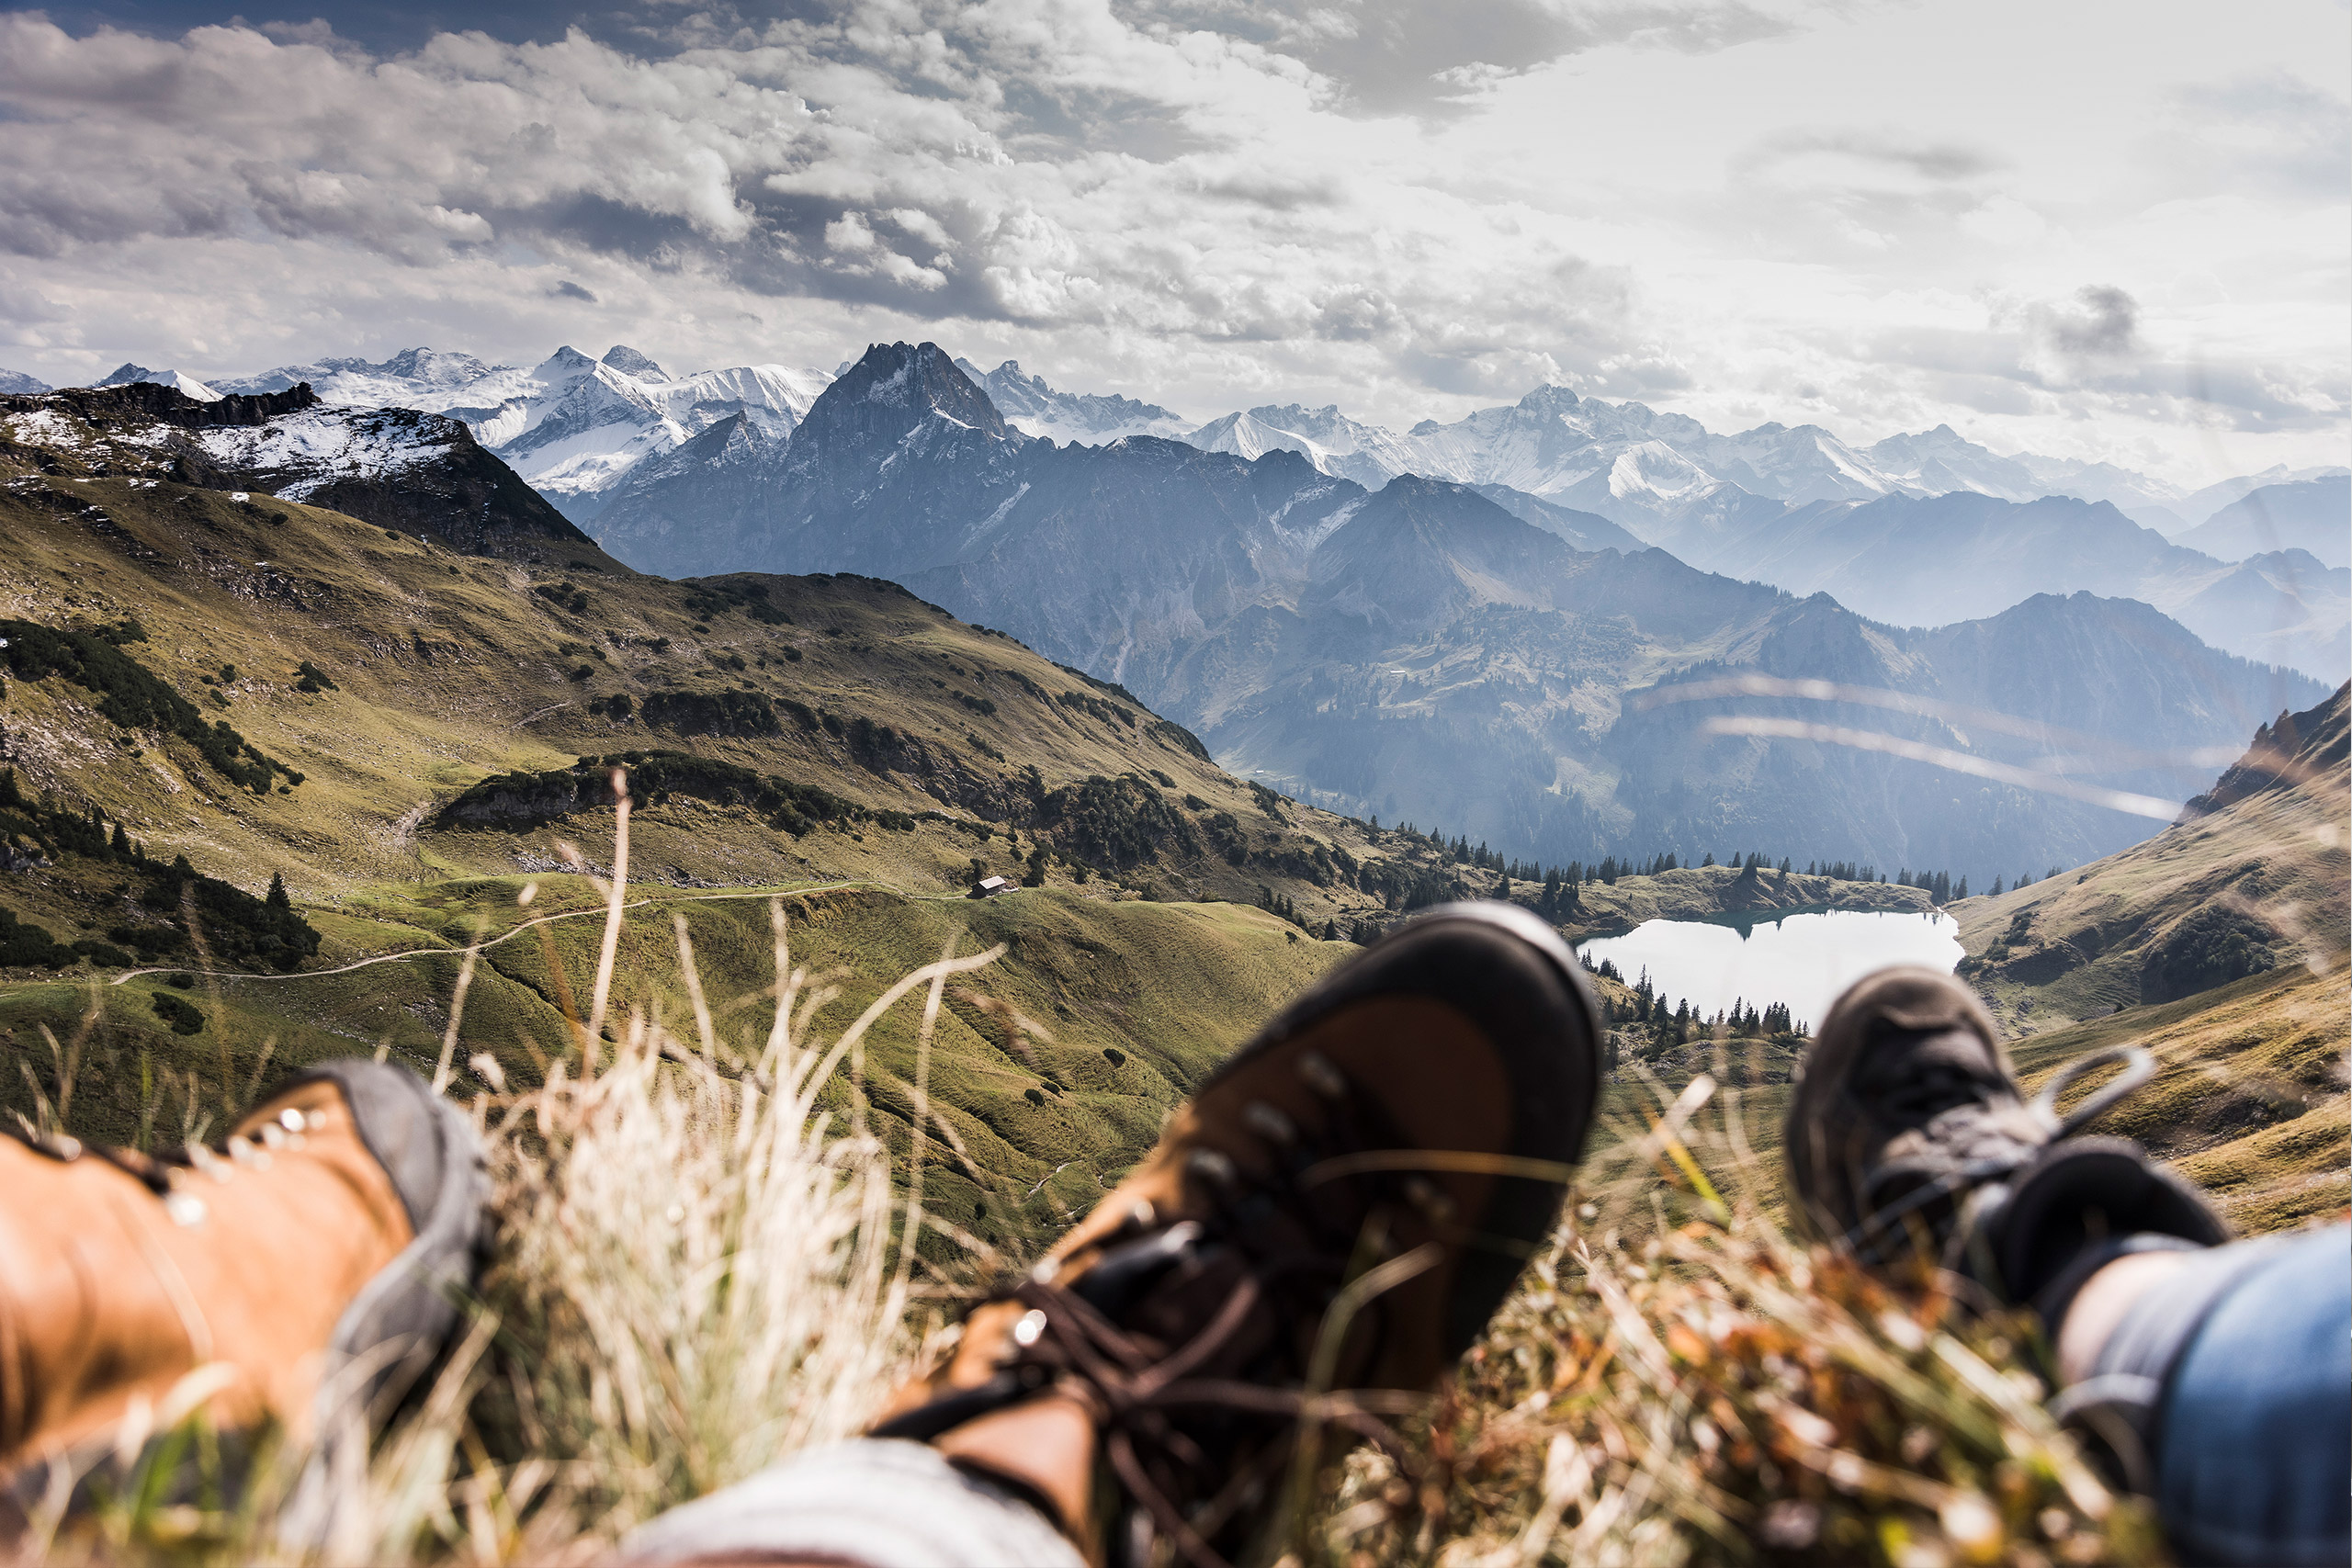 Füße von Wanderer vor Bergpanorama für Ihre Vorteile der MBO